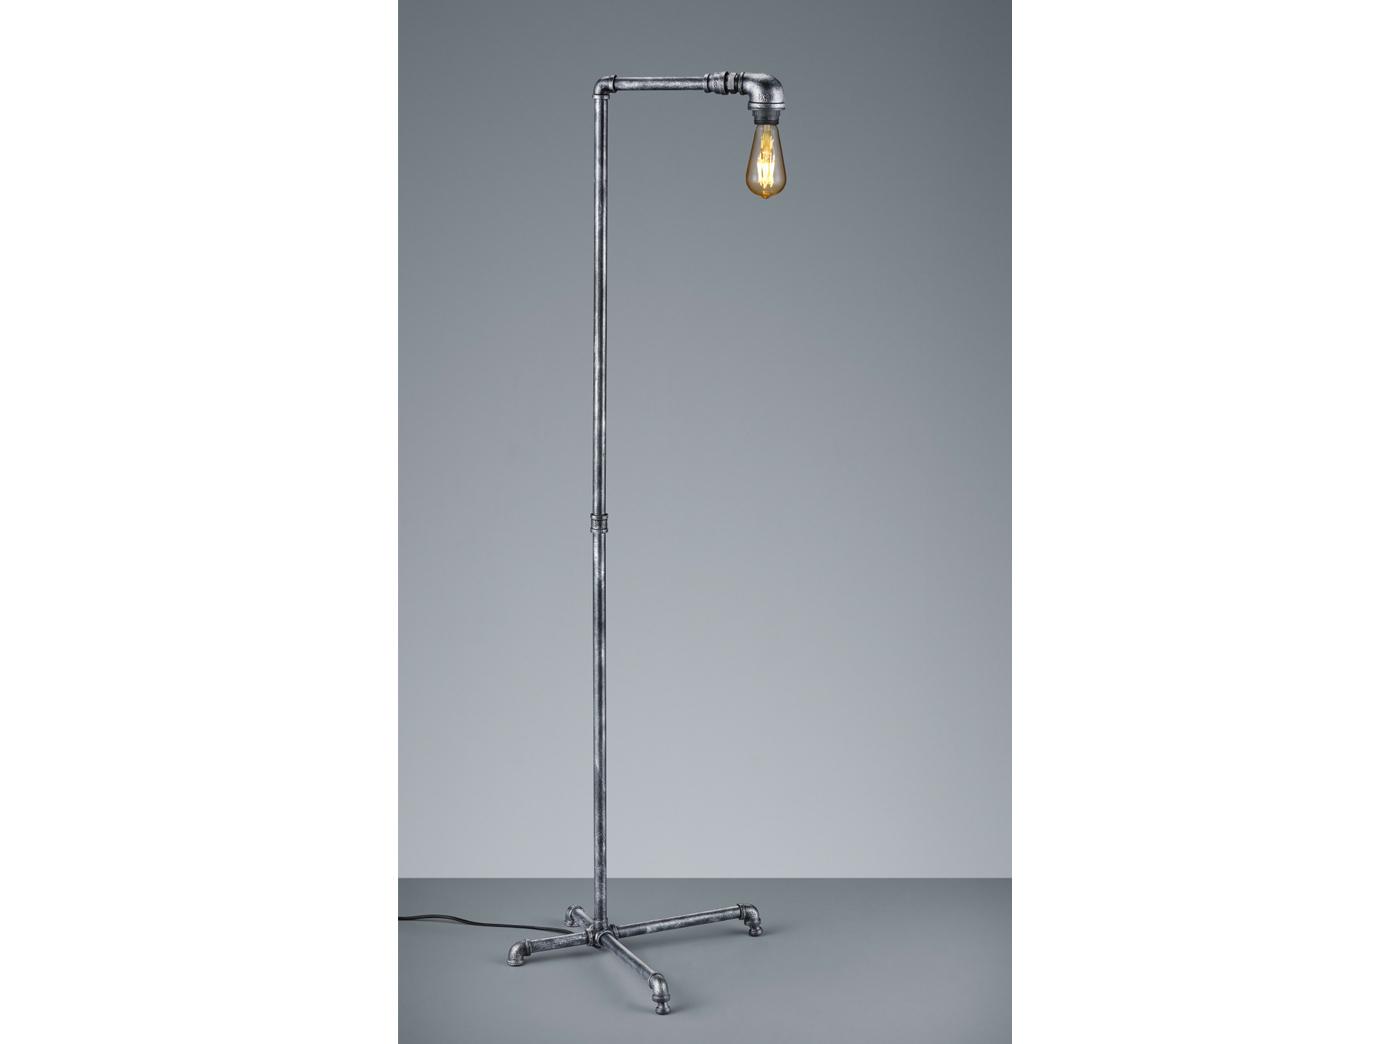 Industrial Style Led Stehlampe Industriedesign Wohnzimmer Esszimmer Buro Loft Kaufen Bei Setpoint Deutschland Gmbh